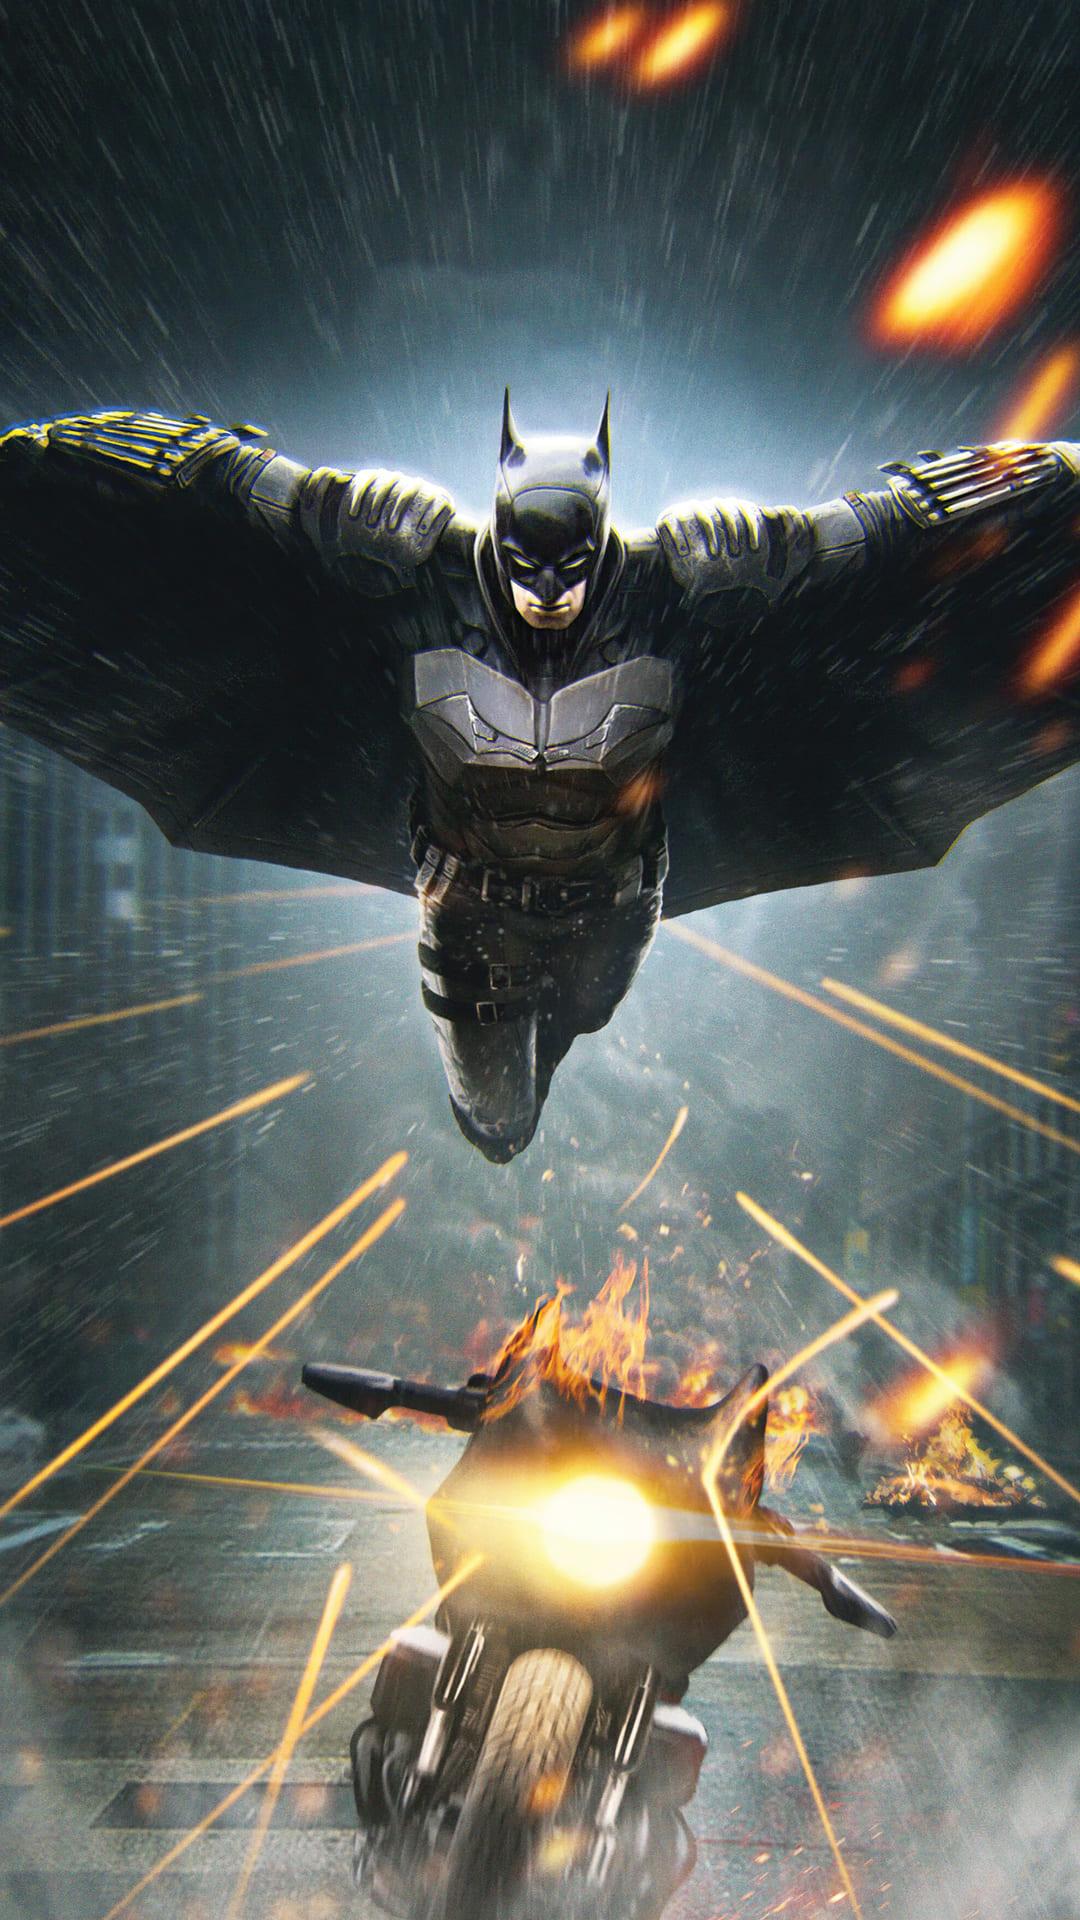 Batman Wallpapers - Top 4k Background Download  80+ HD